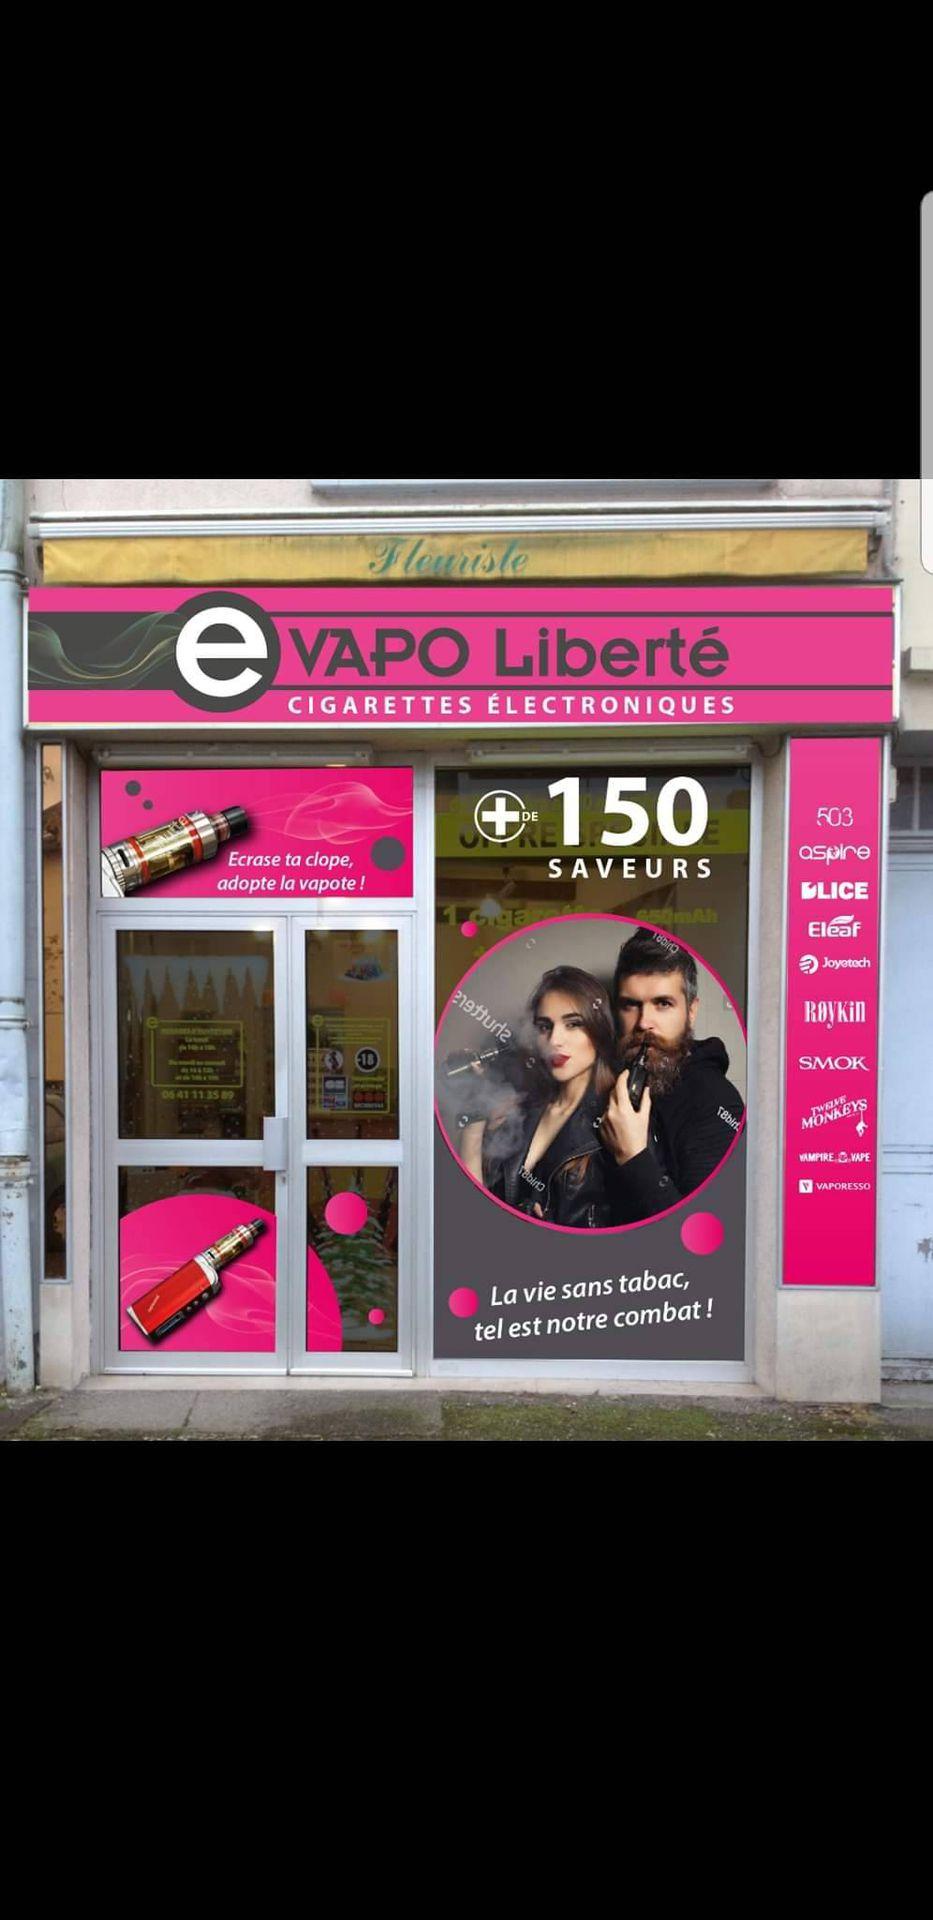 E Vapo Liberté Cigarettes électroniques